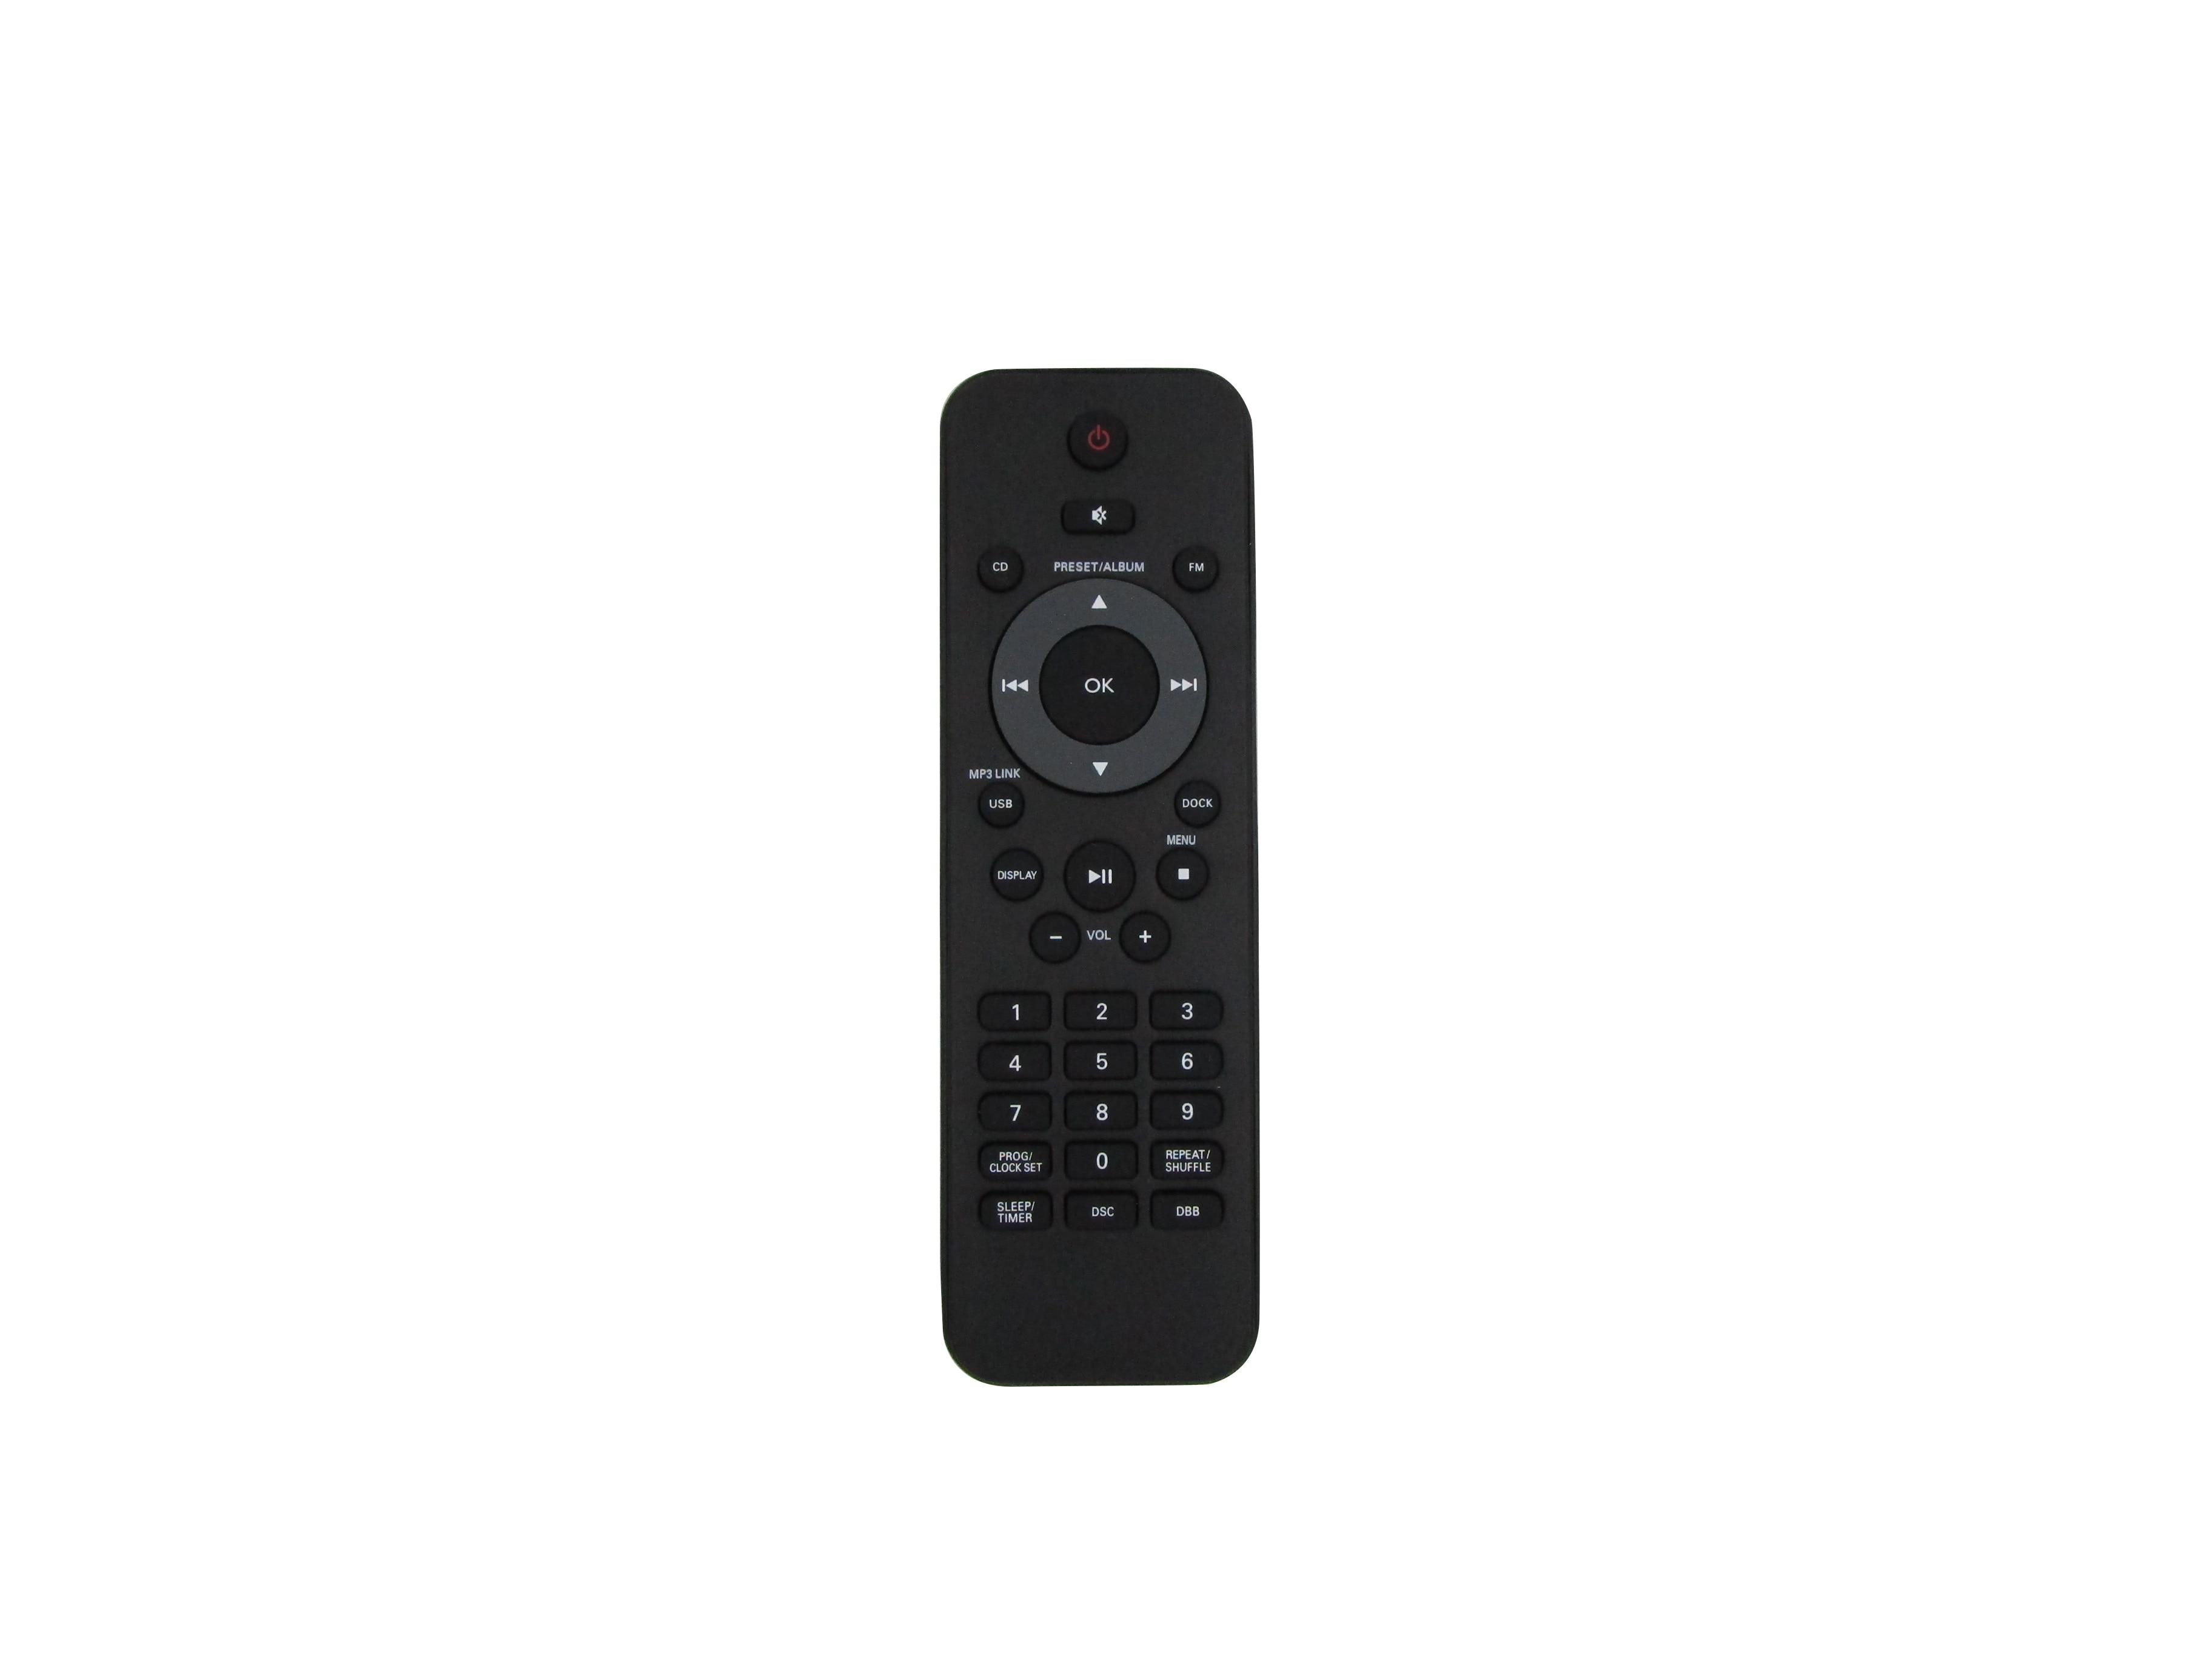 Remote Control For Philip RC31A-T2 DCM3060 DCM3060/93 mcm207 DCM3060/12 DCM3065 996510055535 DCM3020